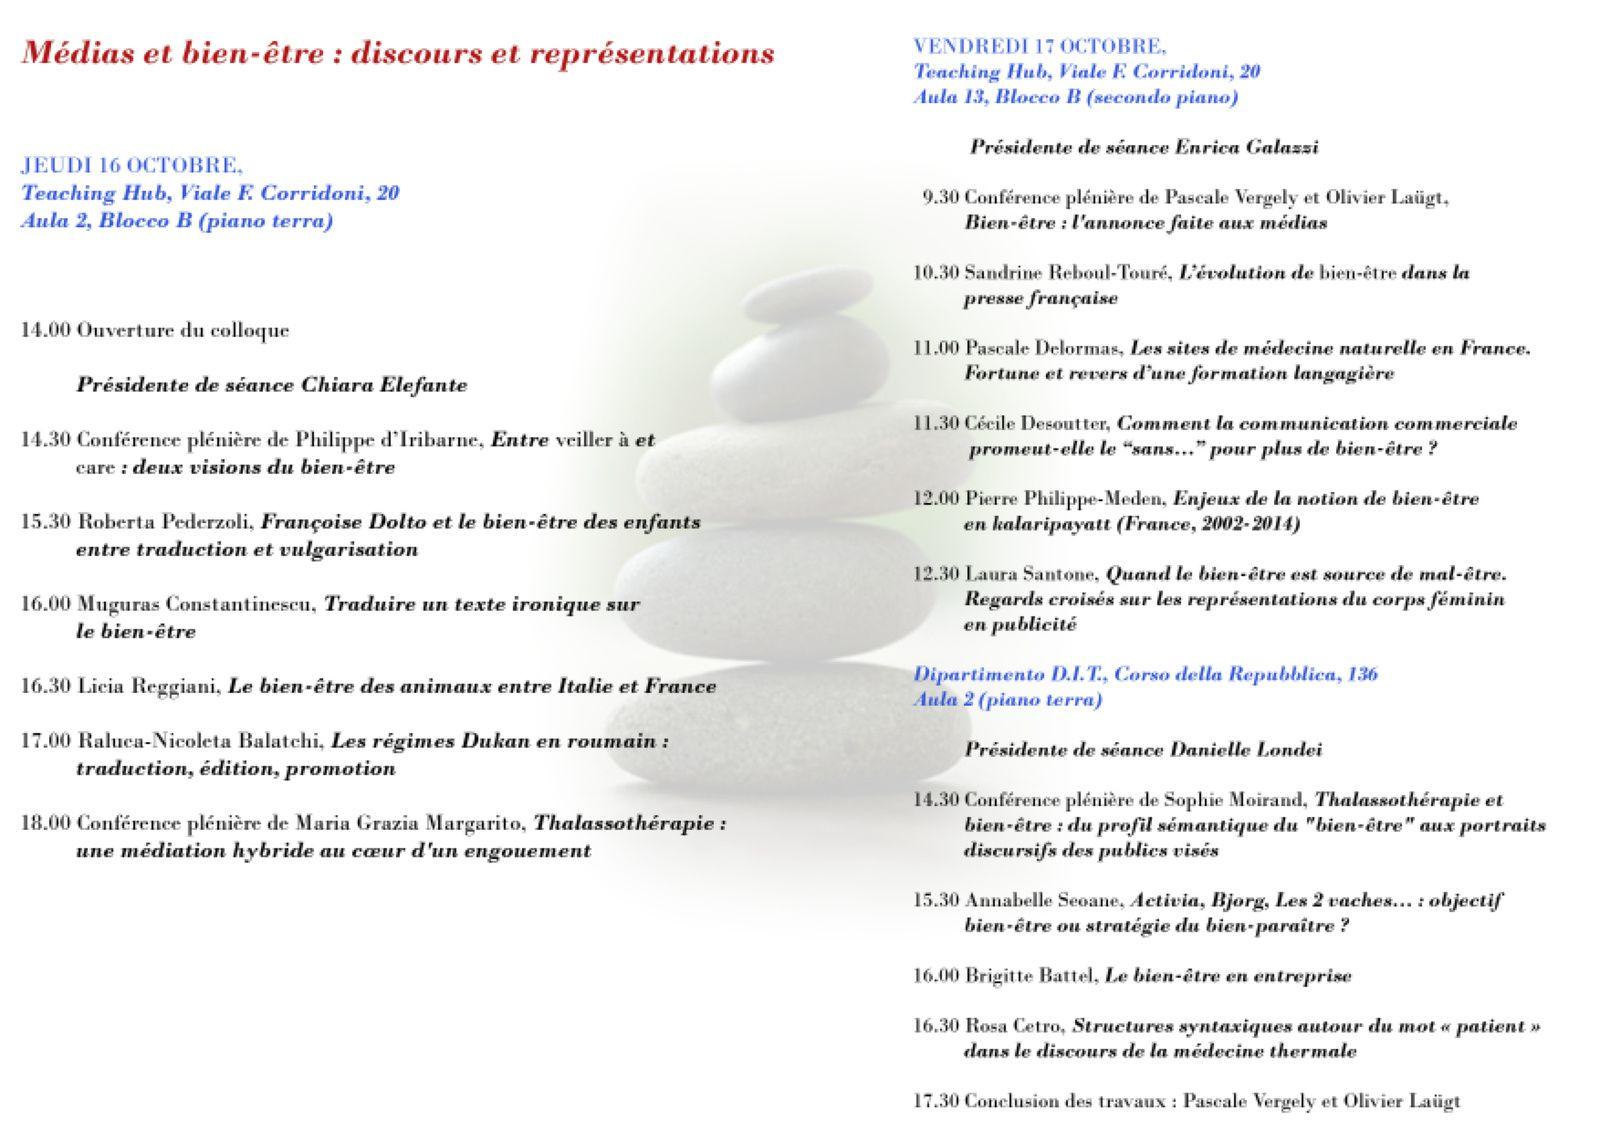 Médias et bien-être : discours et représentations (colloque international)